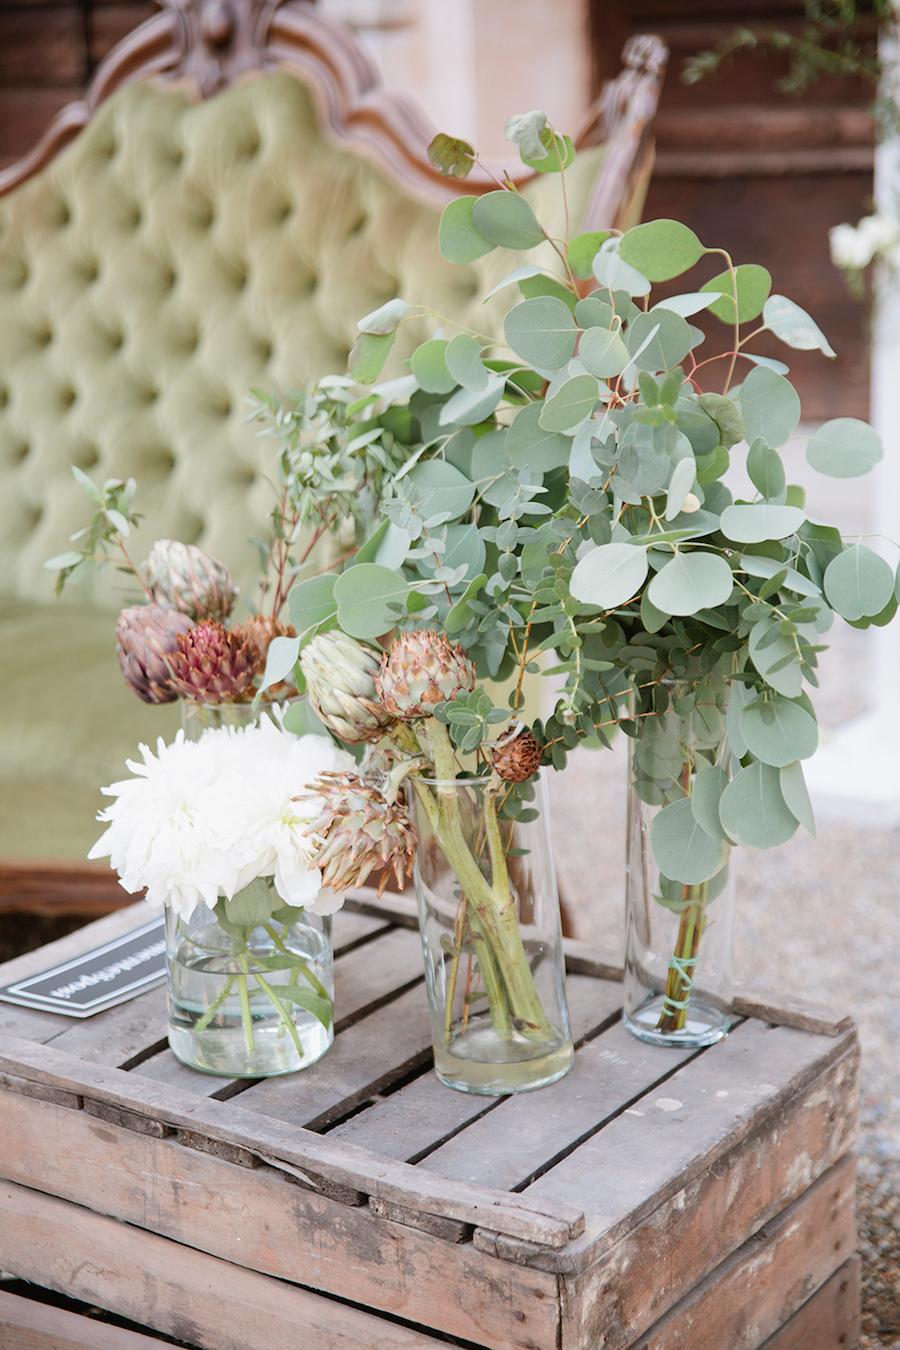 composizione floreale con eucalipto e carciofi